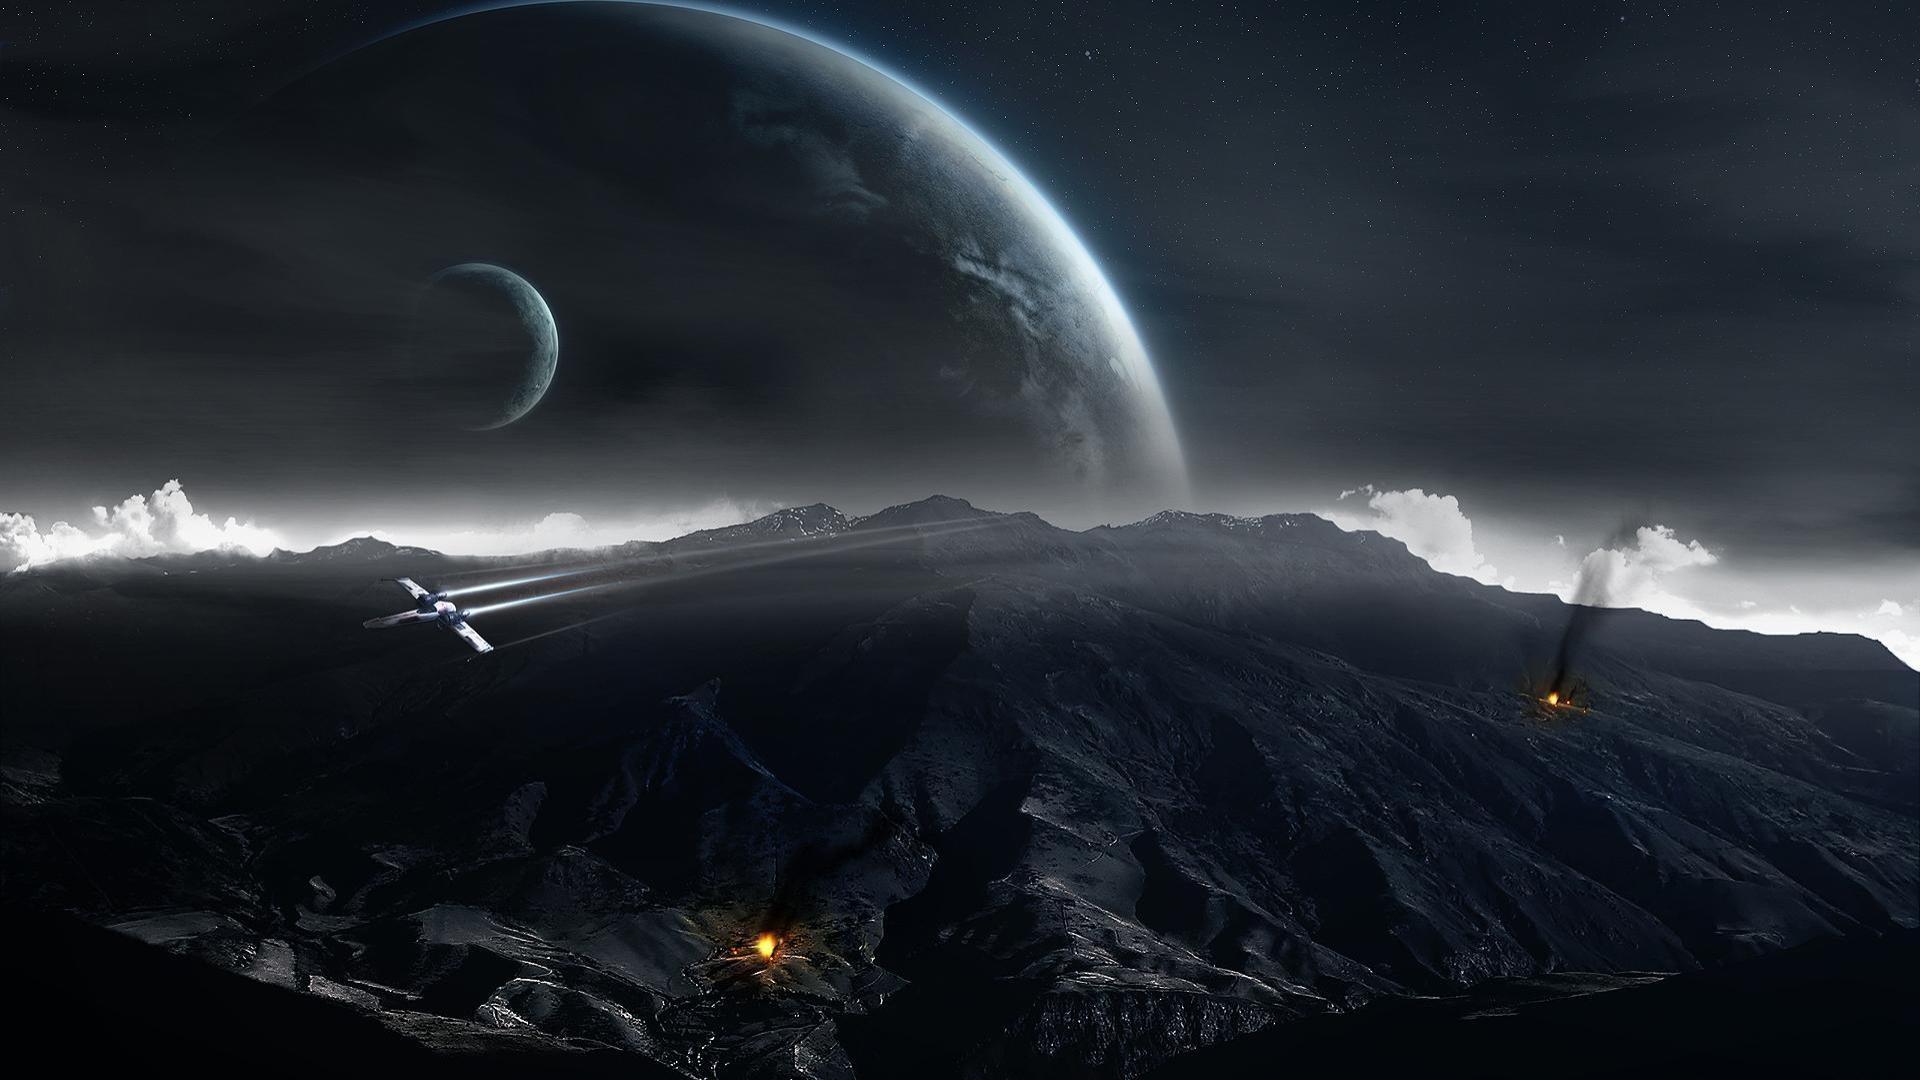 Star Wars Wallpaper 1920x1080 Star Wars Planets Science Fiction 1920x1080